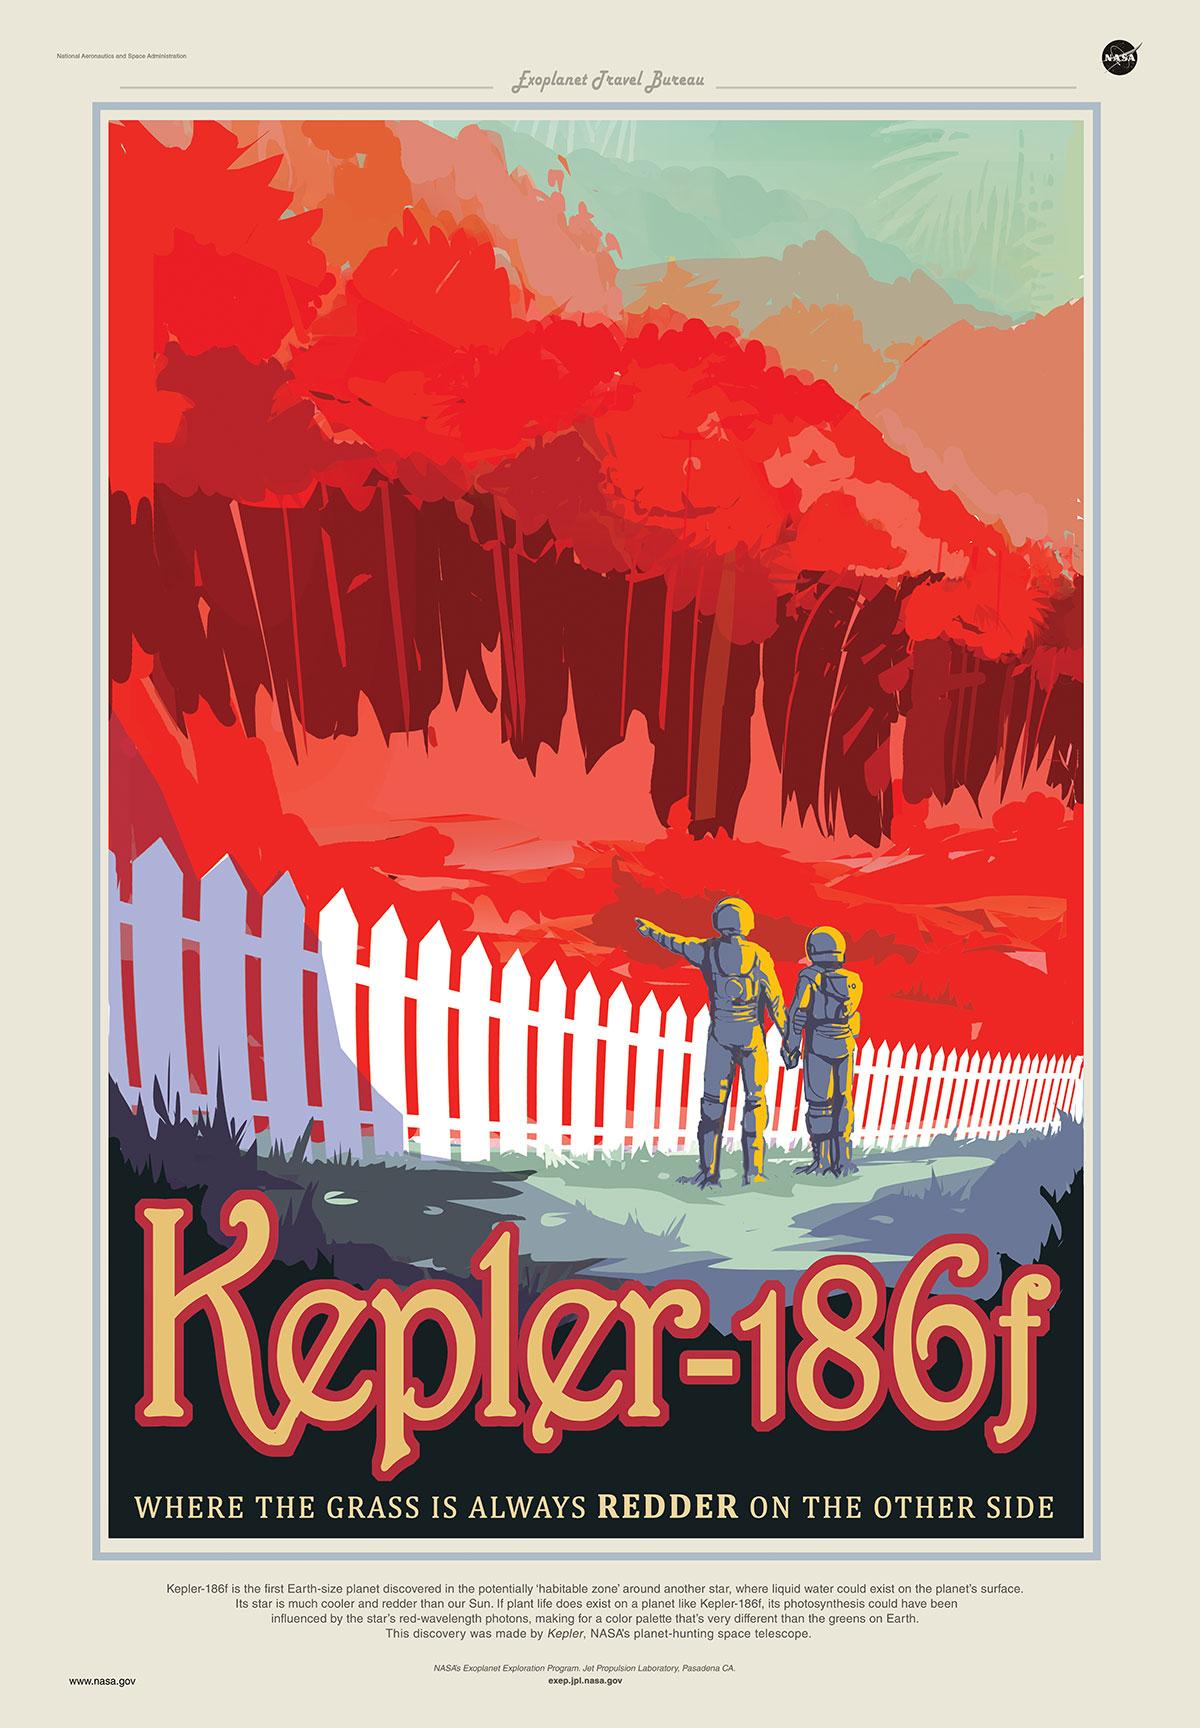 nasa-posters-kepler-186f-art